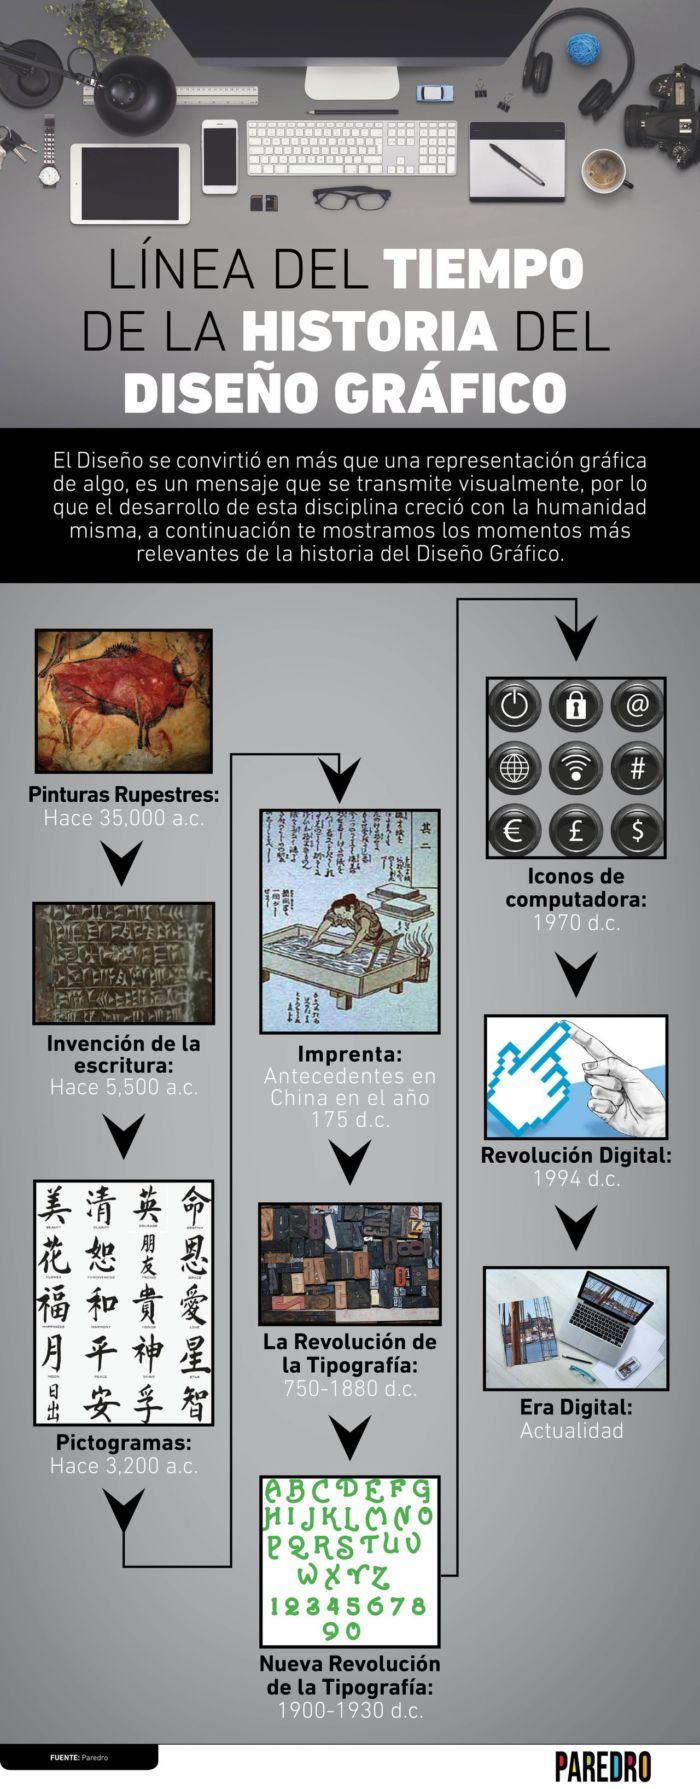 Orígenes del diseño gráfico